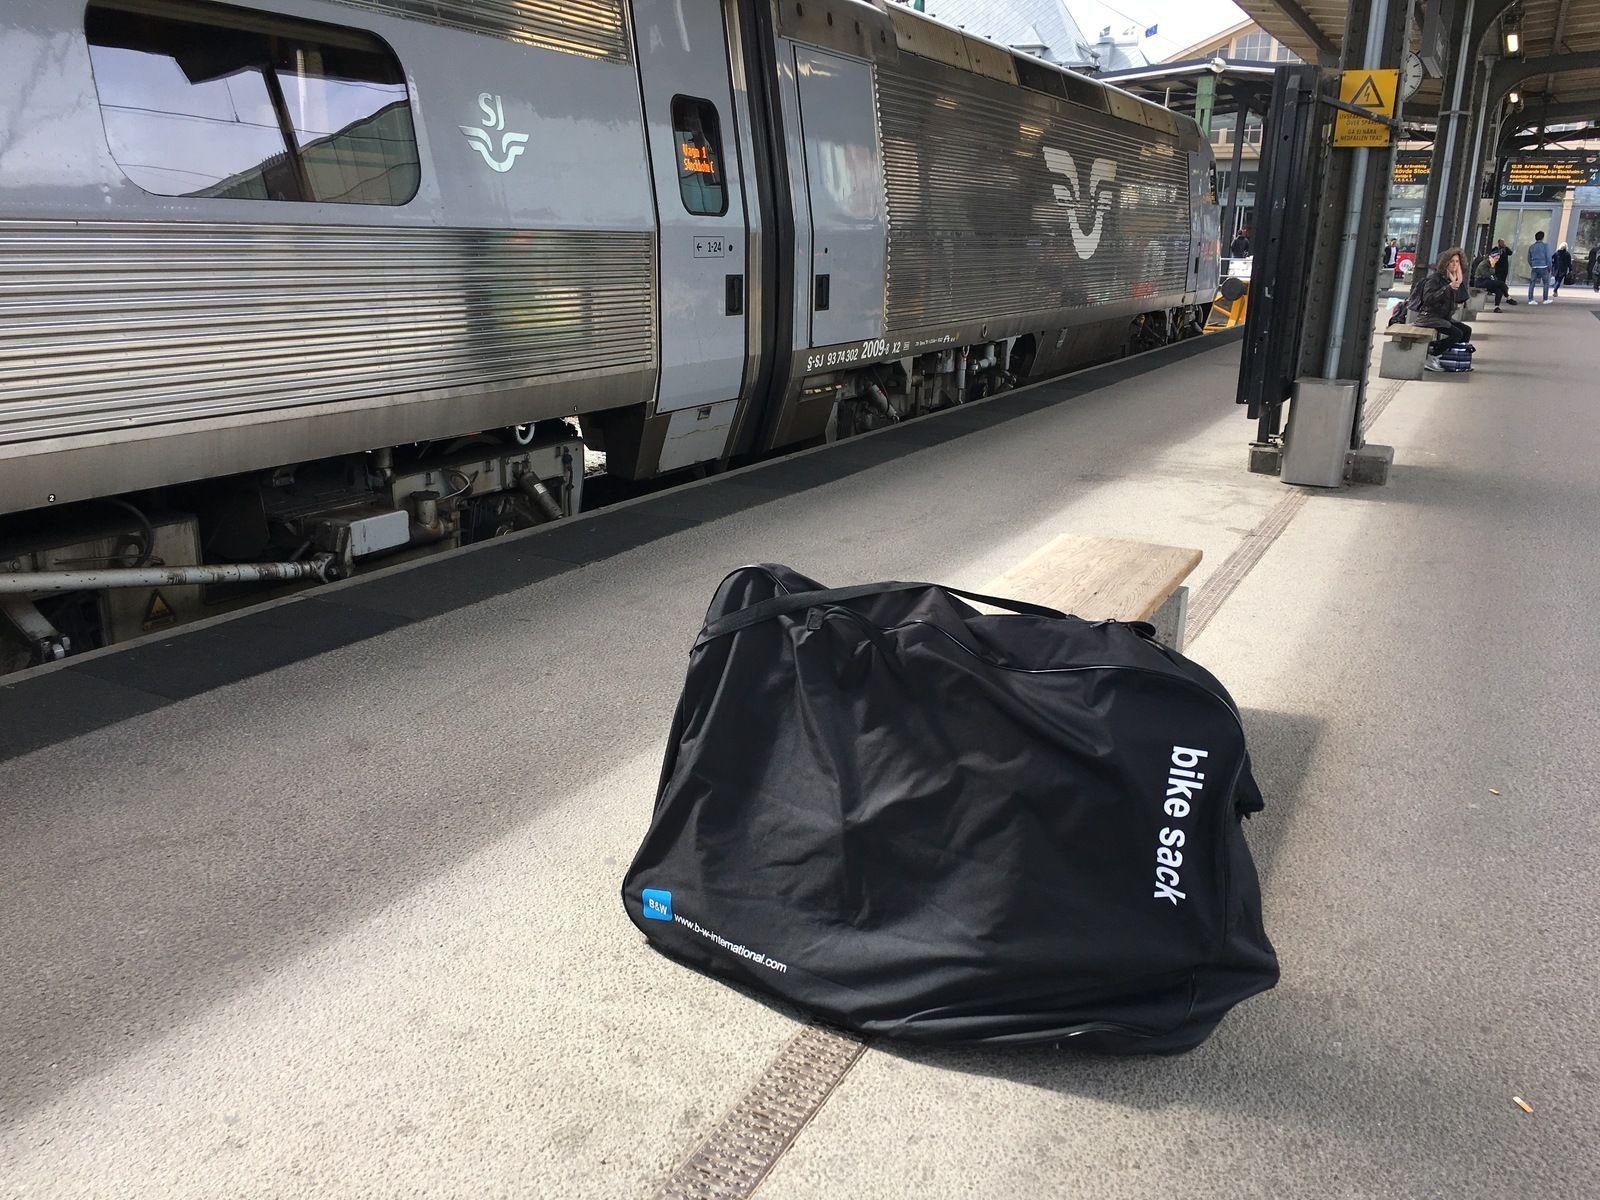 vart ställer man väska tåg